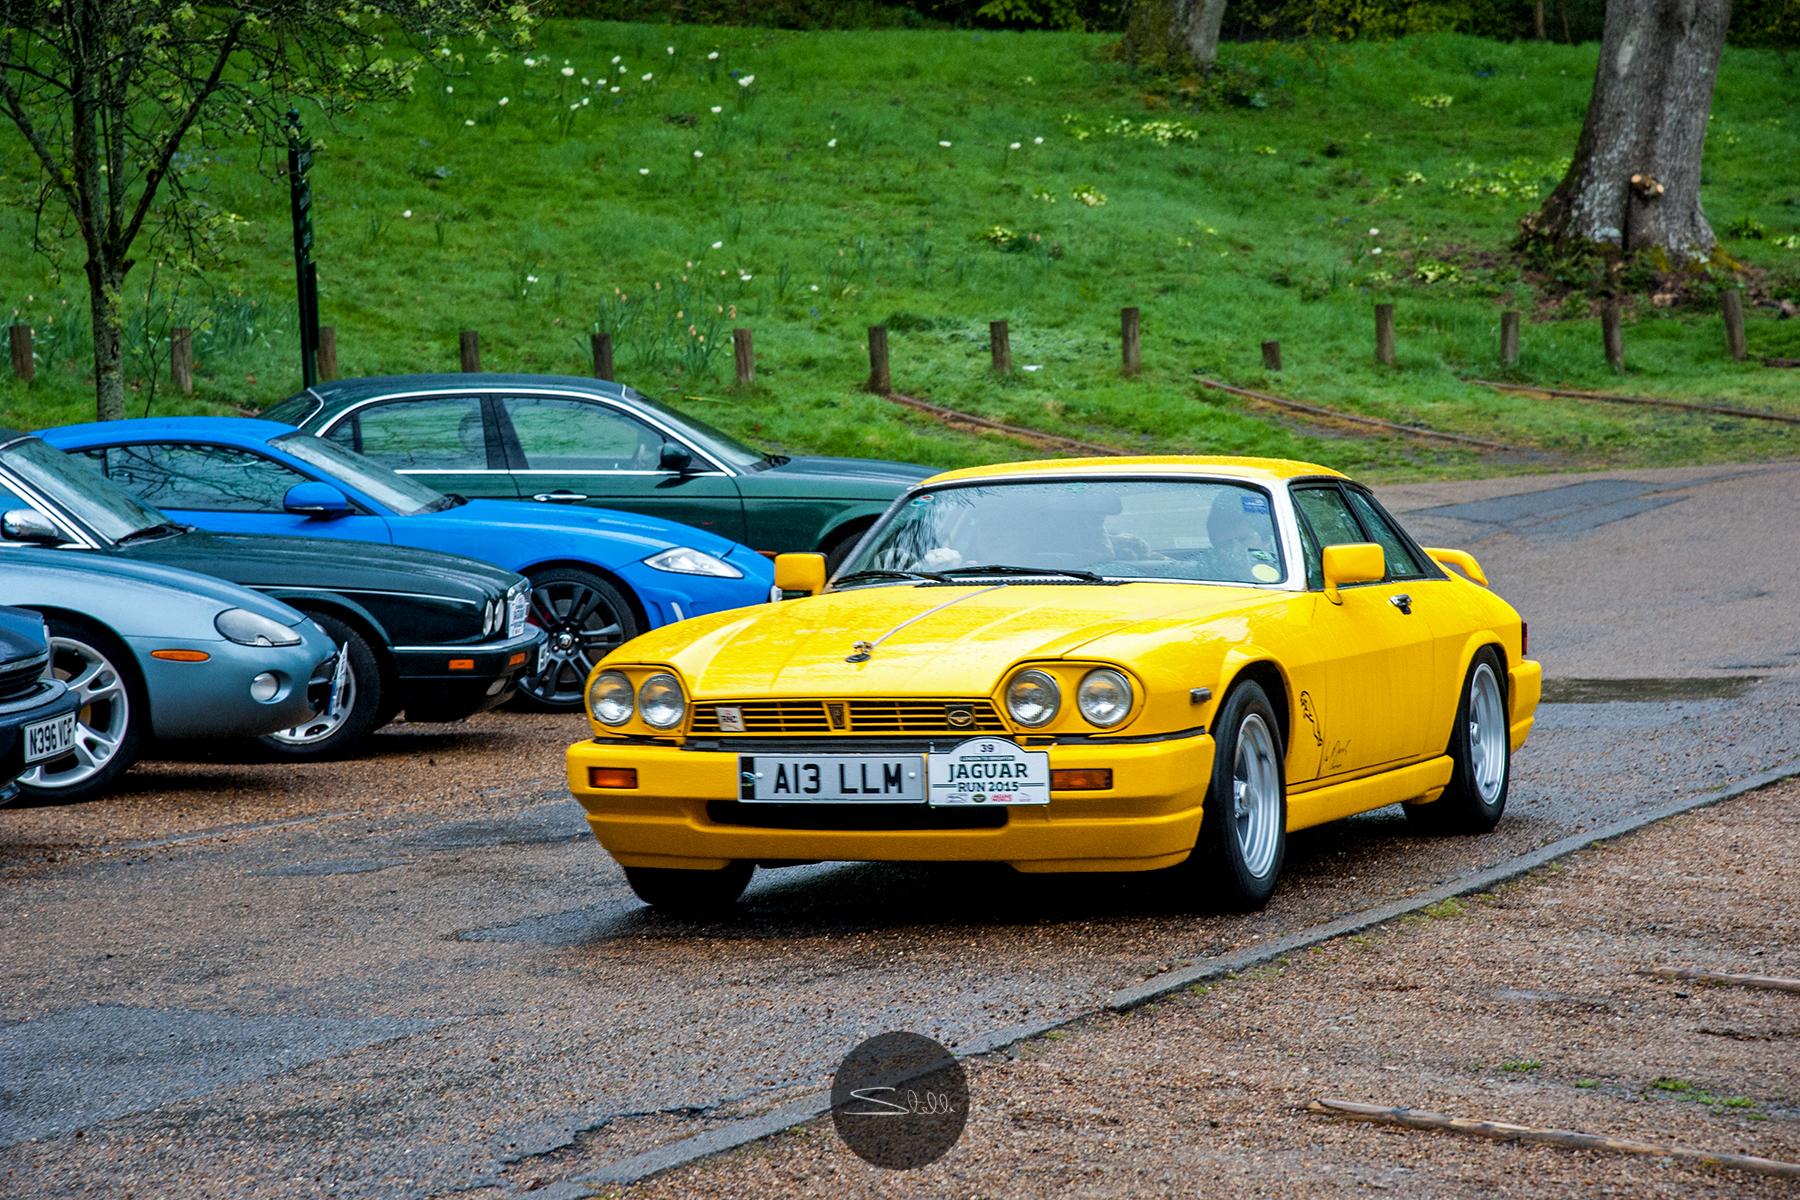 Stella Scordellis Jaguar Car Run 2015 4 Watermarked.jpg